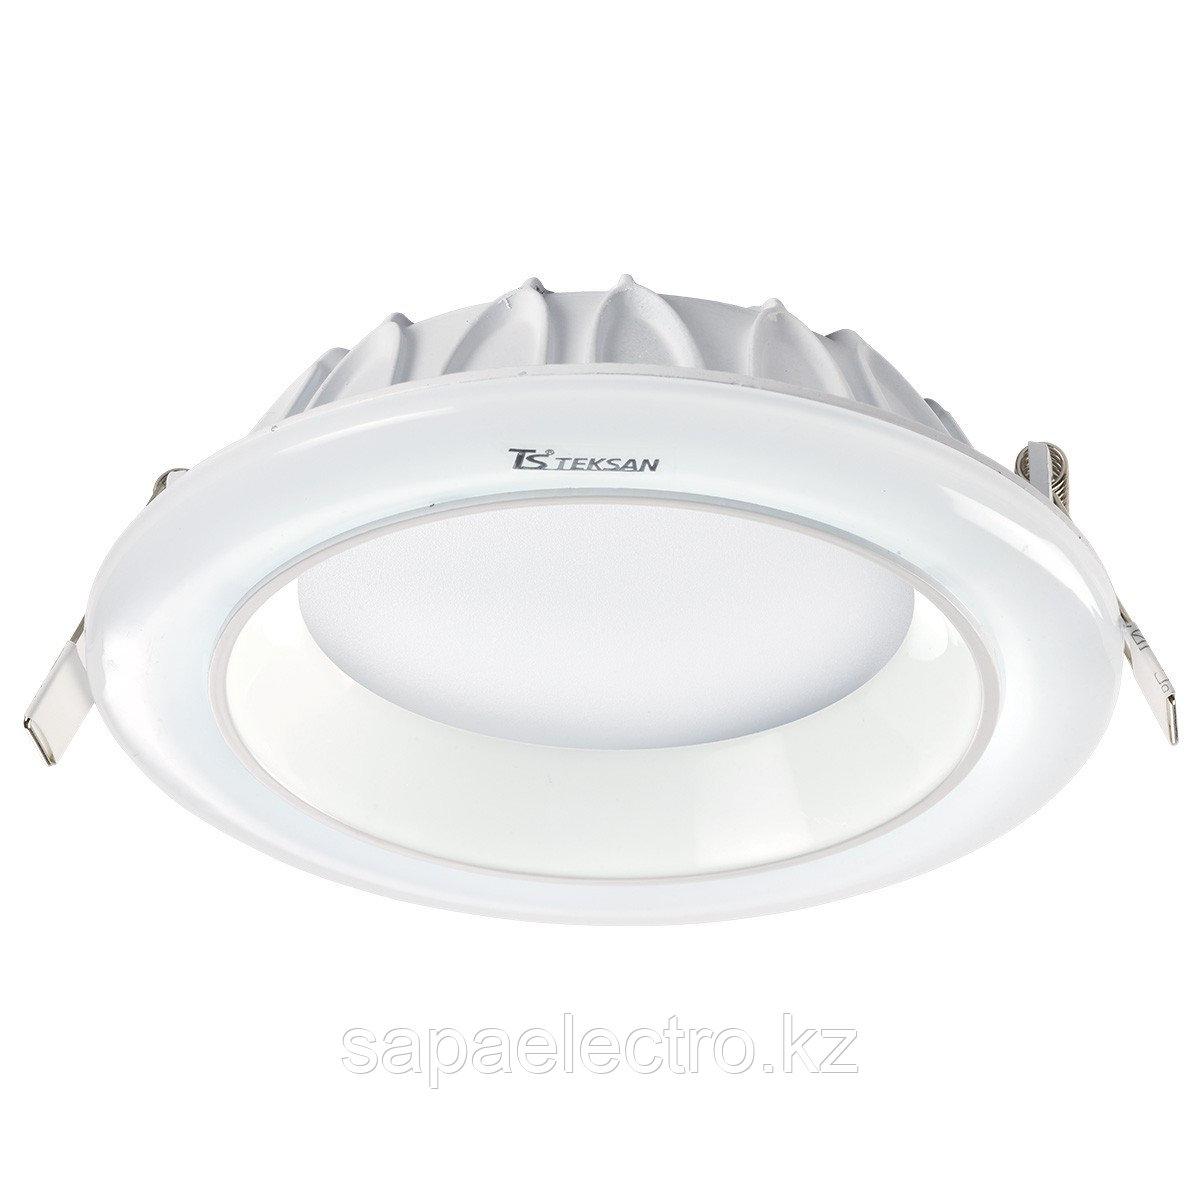 Свет-к DOWNLIGHT LED RD 20W 6000K WHITE (TS) 40шт,3